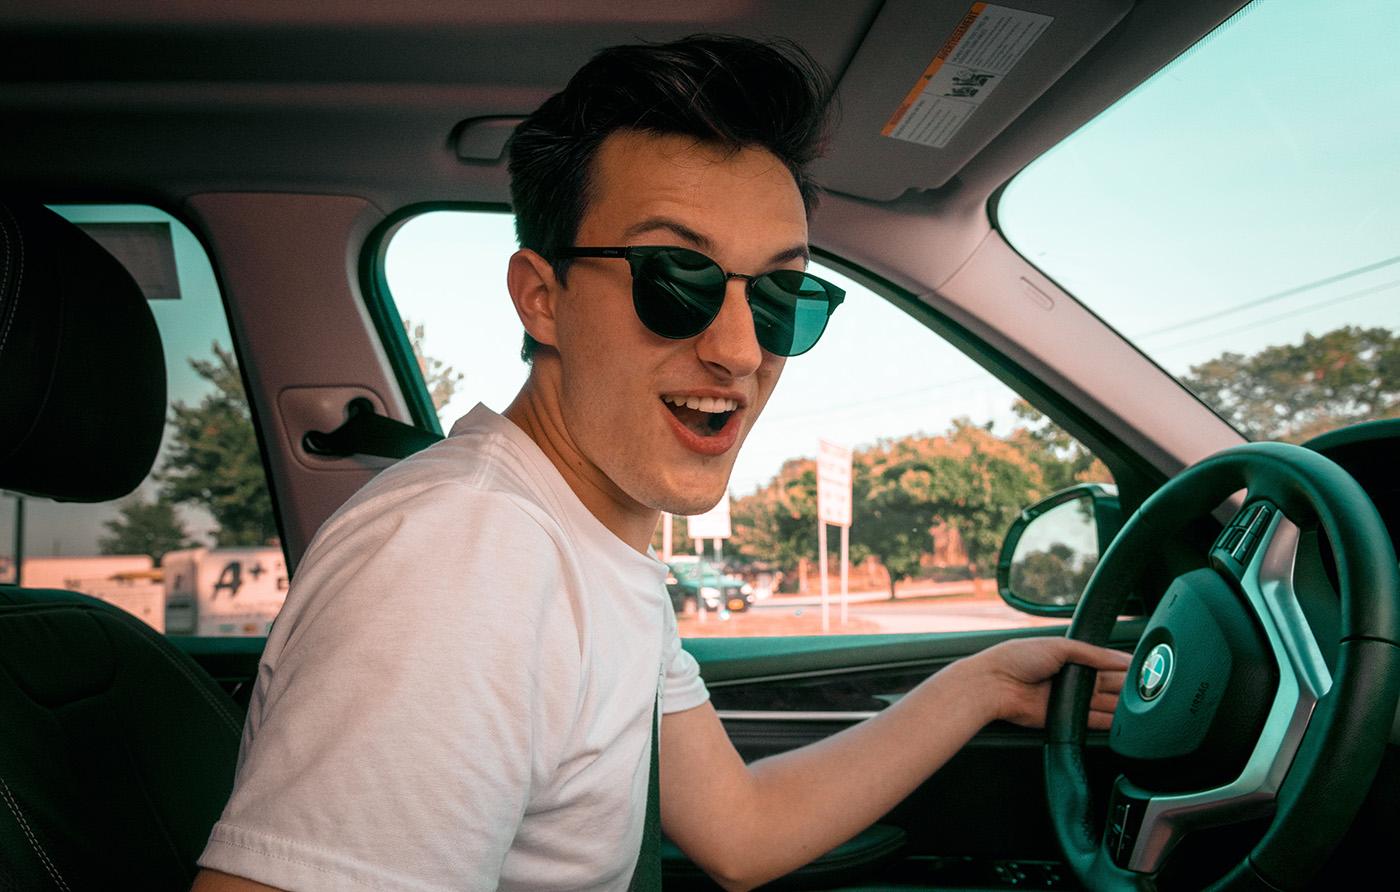 El mejor seguro de coche para los jóvenes 0